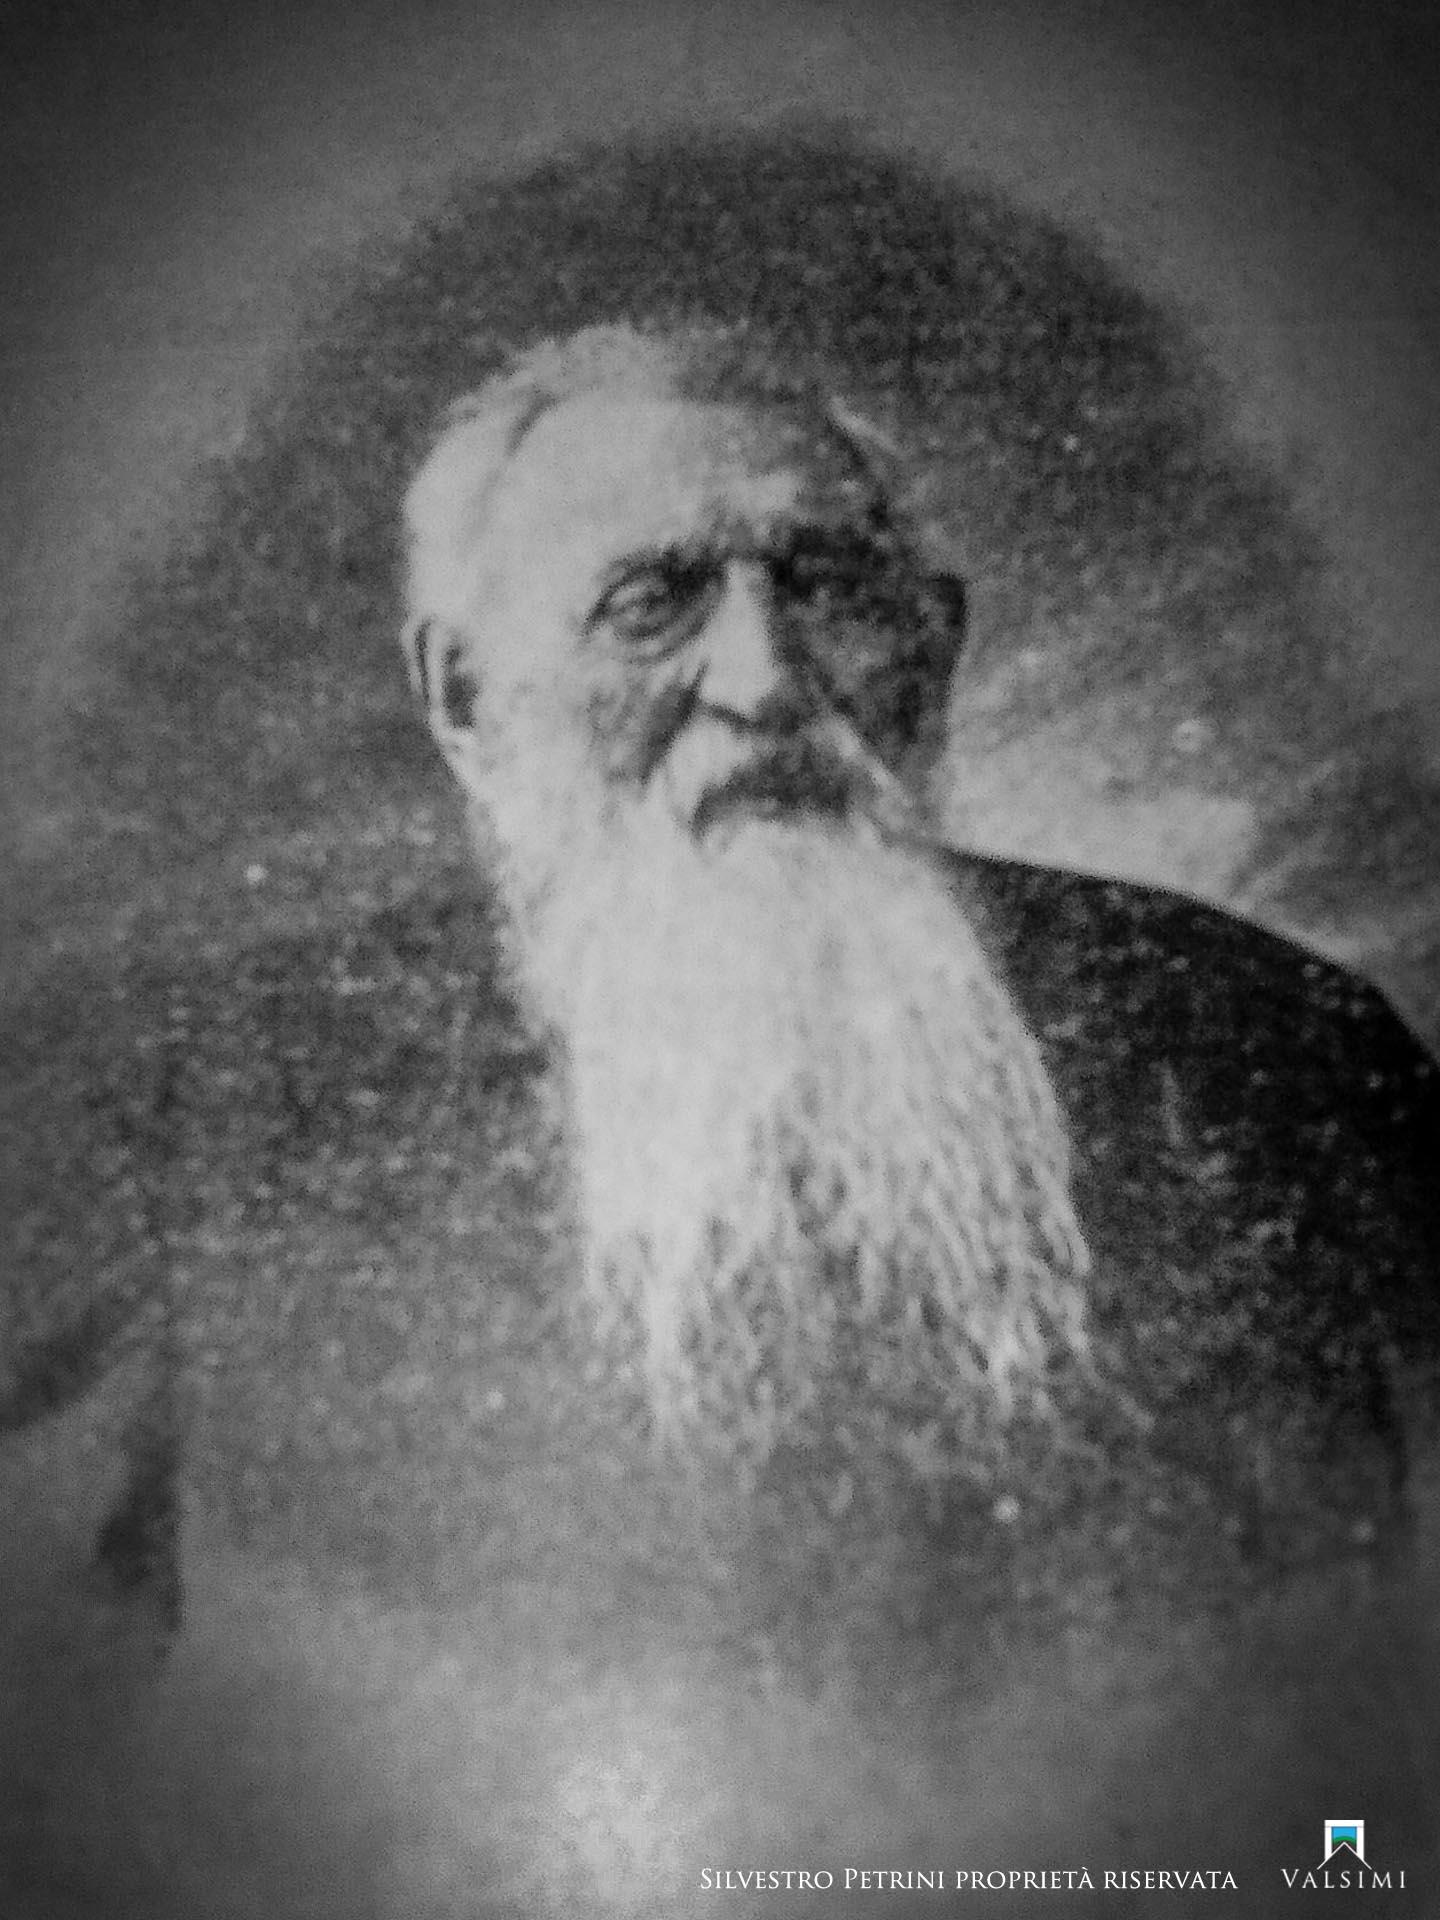 """Silvestro Petrini nato a Bisenti (Teramo) il 1 gennaio 1812, morto a Chieti il  25 gennaio 1812 - Immagine concessa dalla Biblioteca Provinciale """"A.C. De Meis"""" di Chieti"""